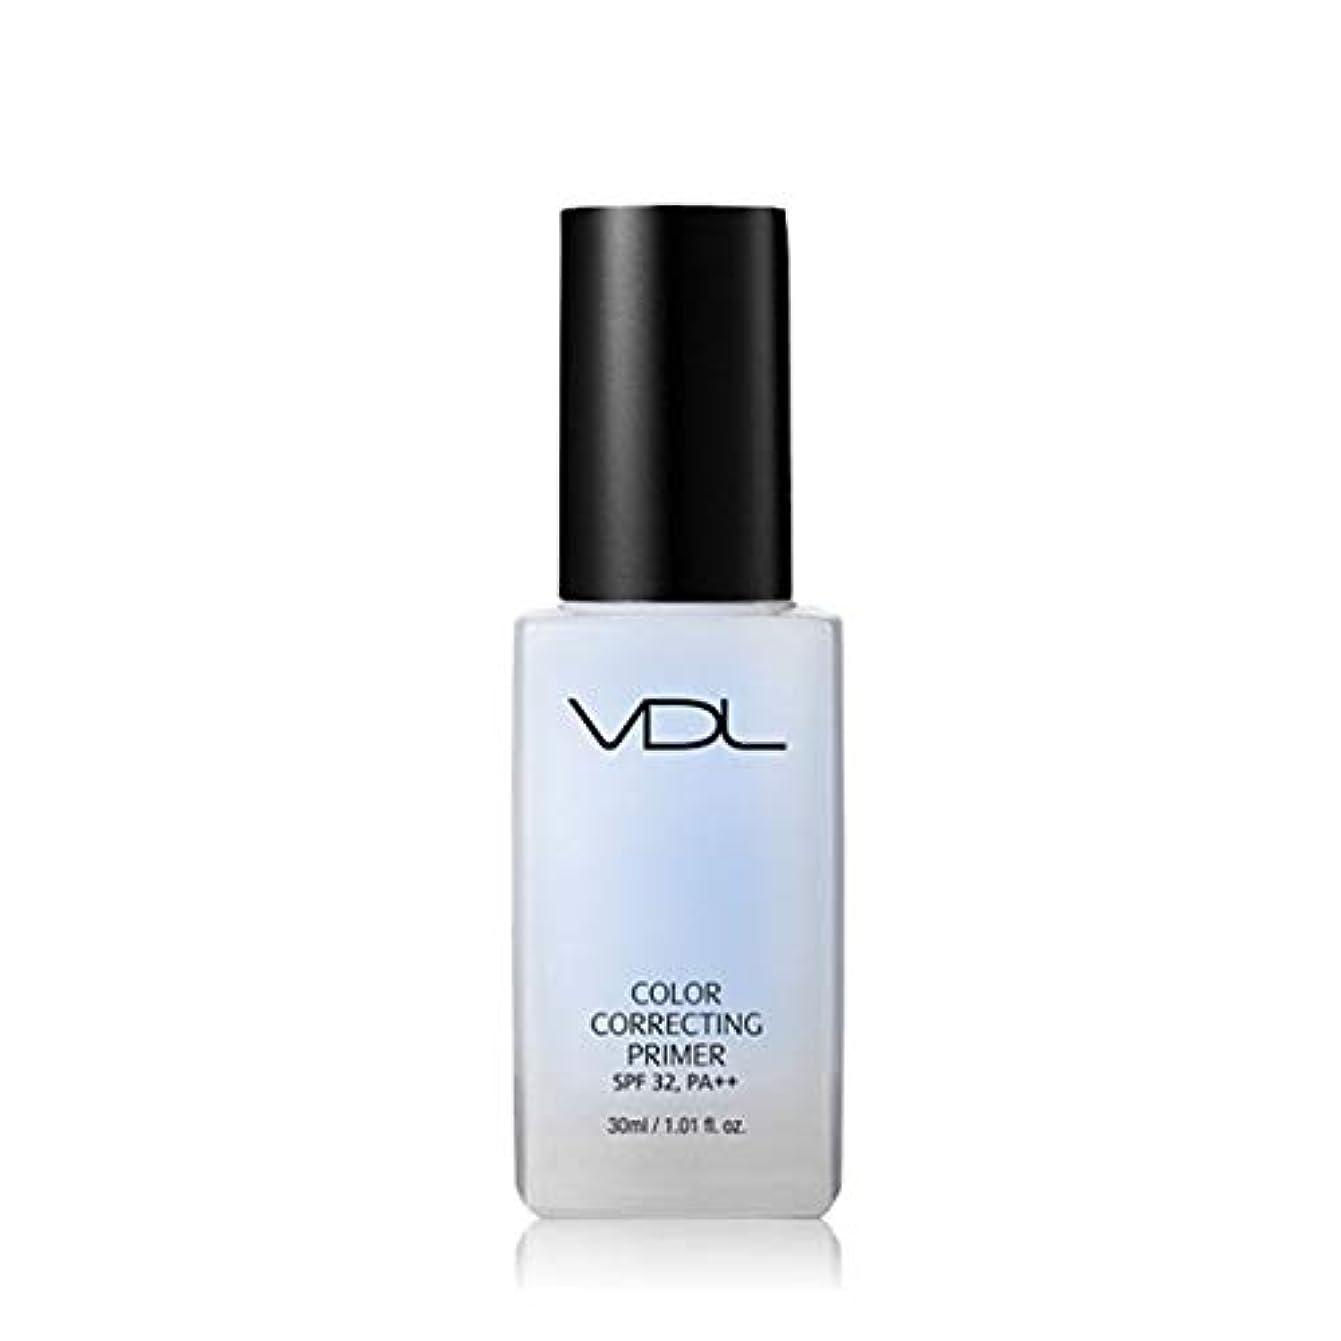 悪党吸収剤頭痛VDLカラーコレクティンプライマー30ml 3カラーメイクアップベース、VDL Color Correcting Primer 30ml 3-Colors Make-up Base [並行輸入品] (Serenity)